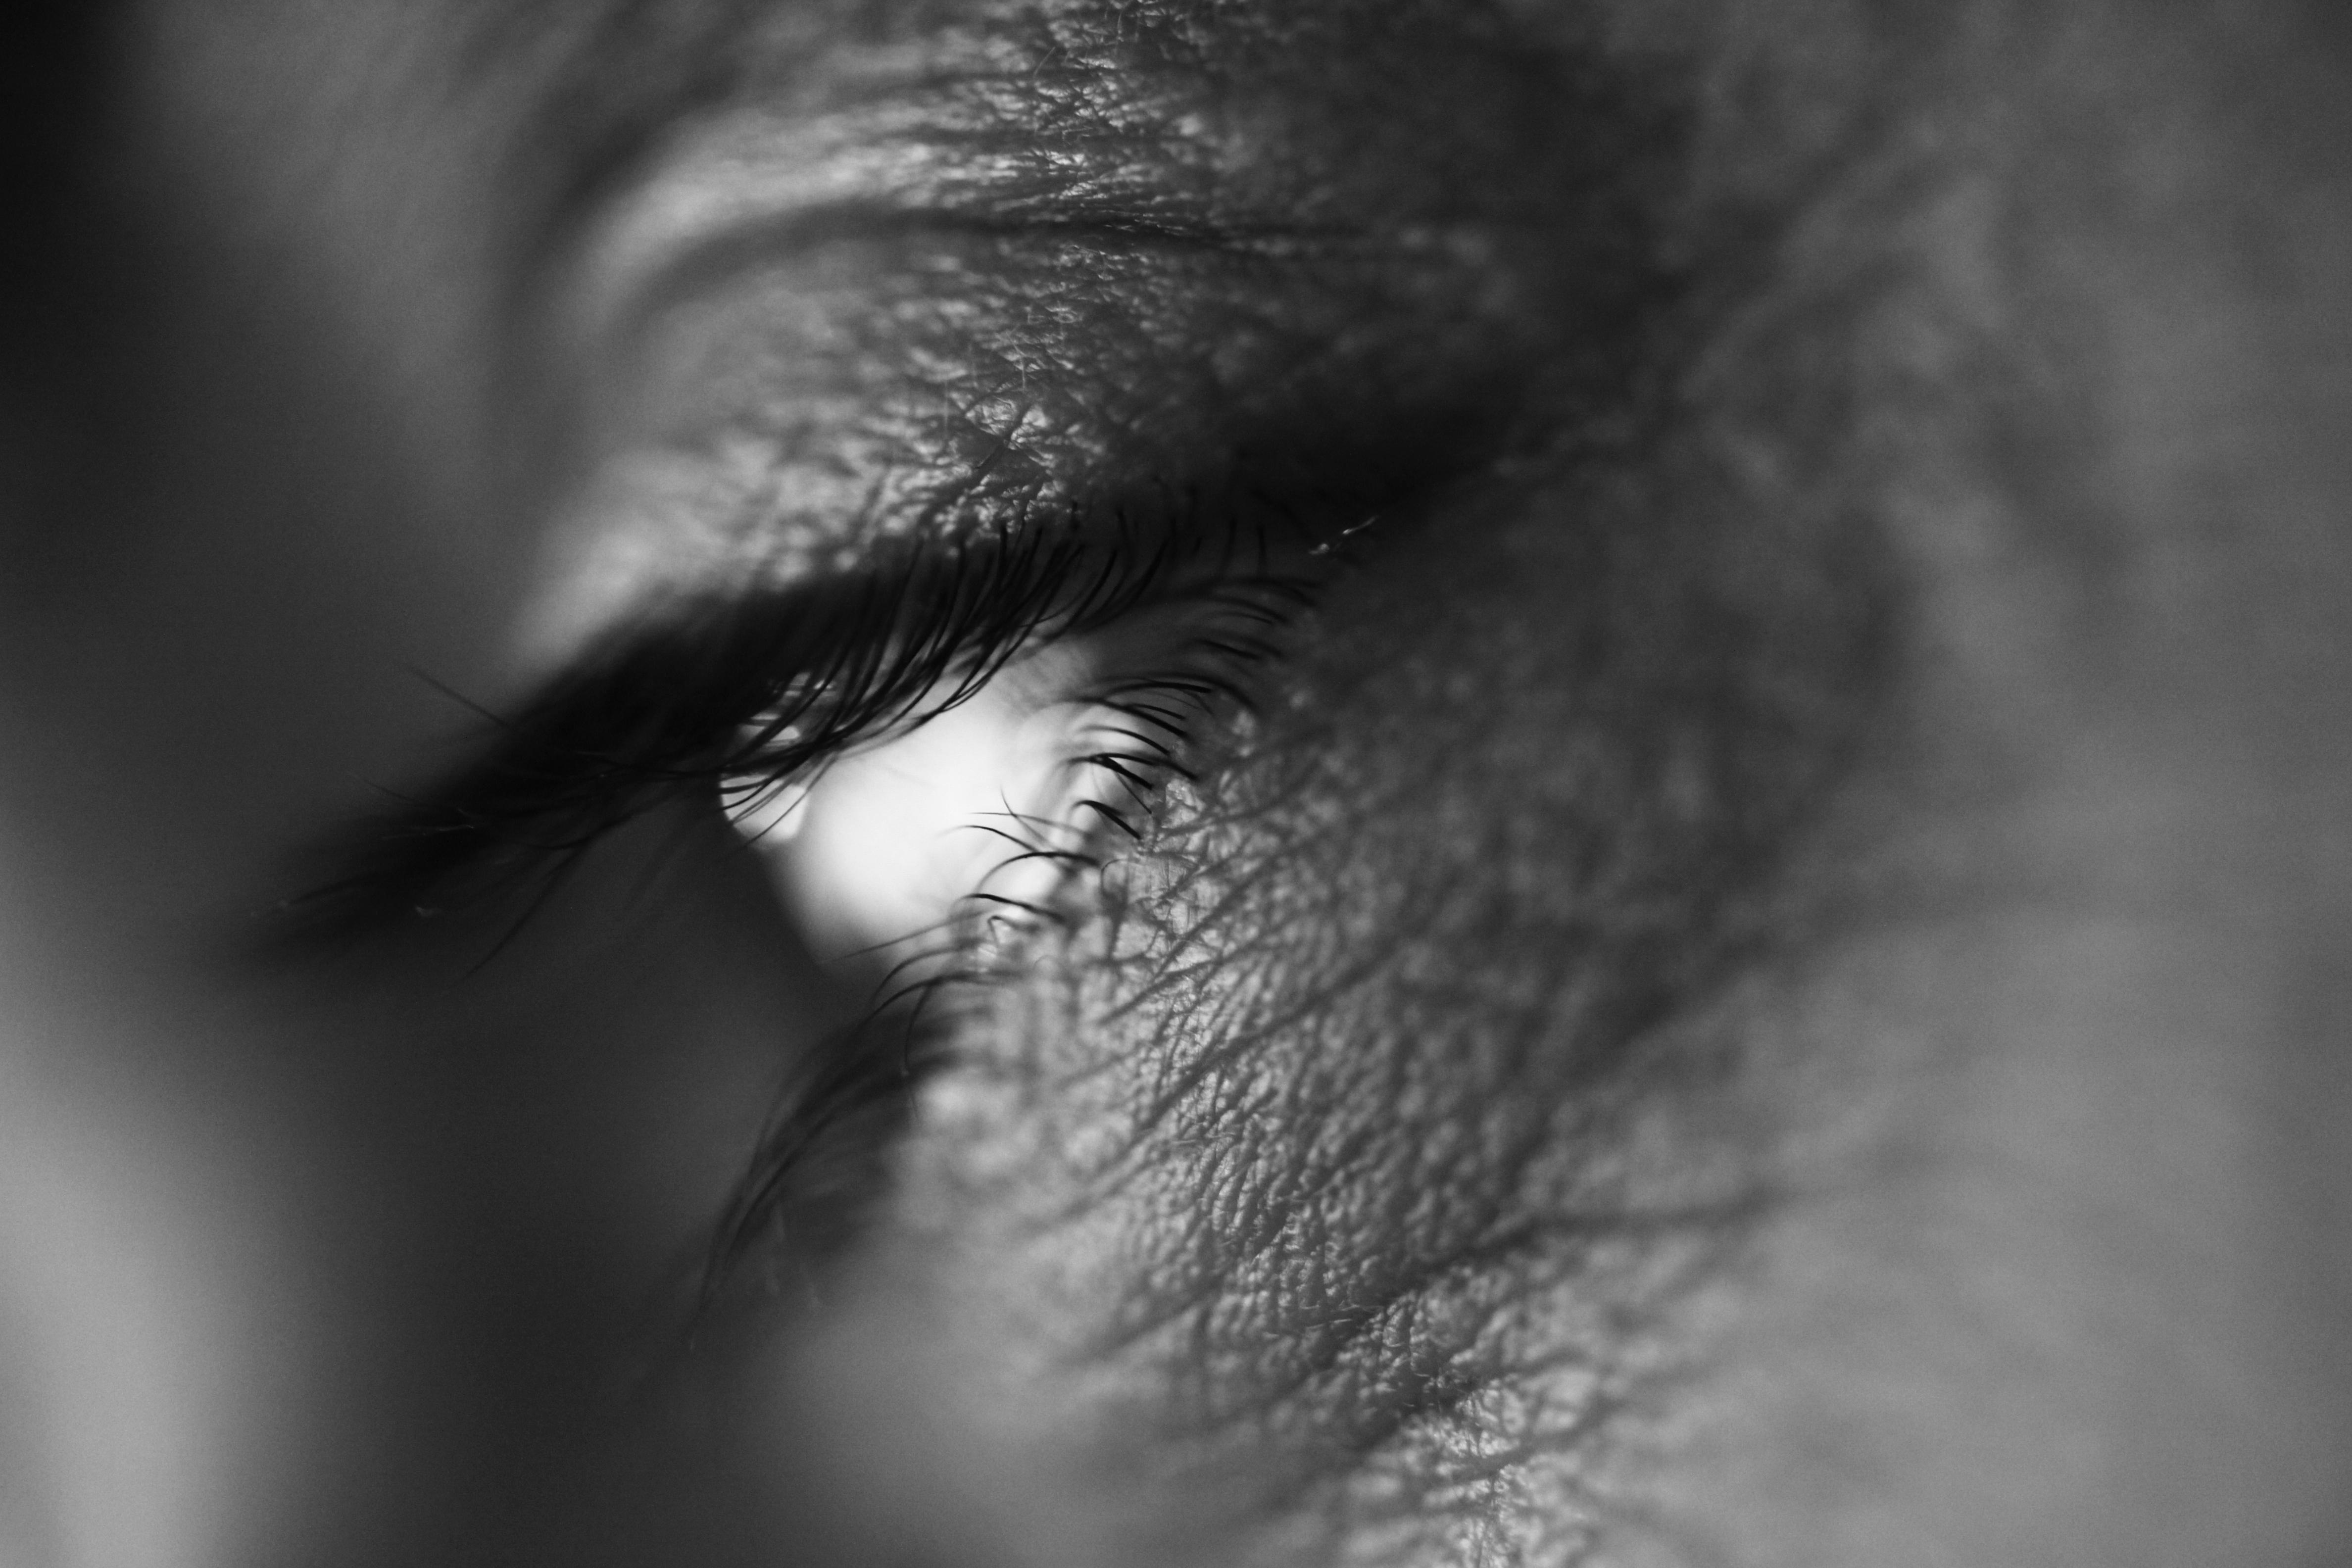 photo macro d'un oeil dont la pupille semble blanche à cause d'un reflet, noir-blanc